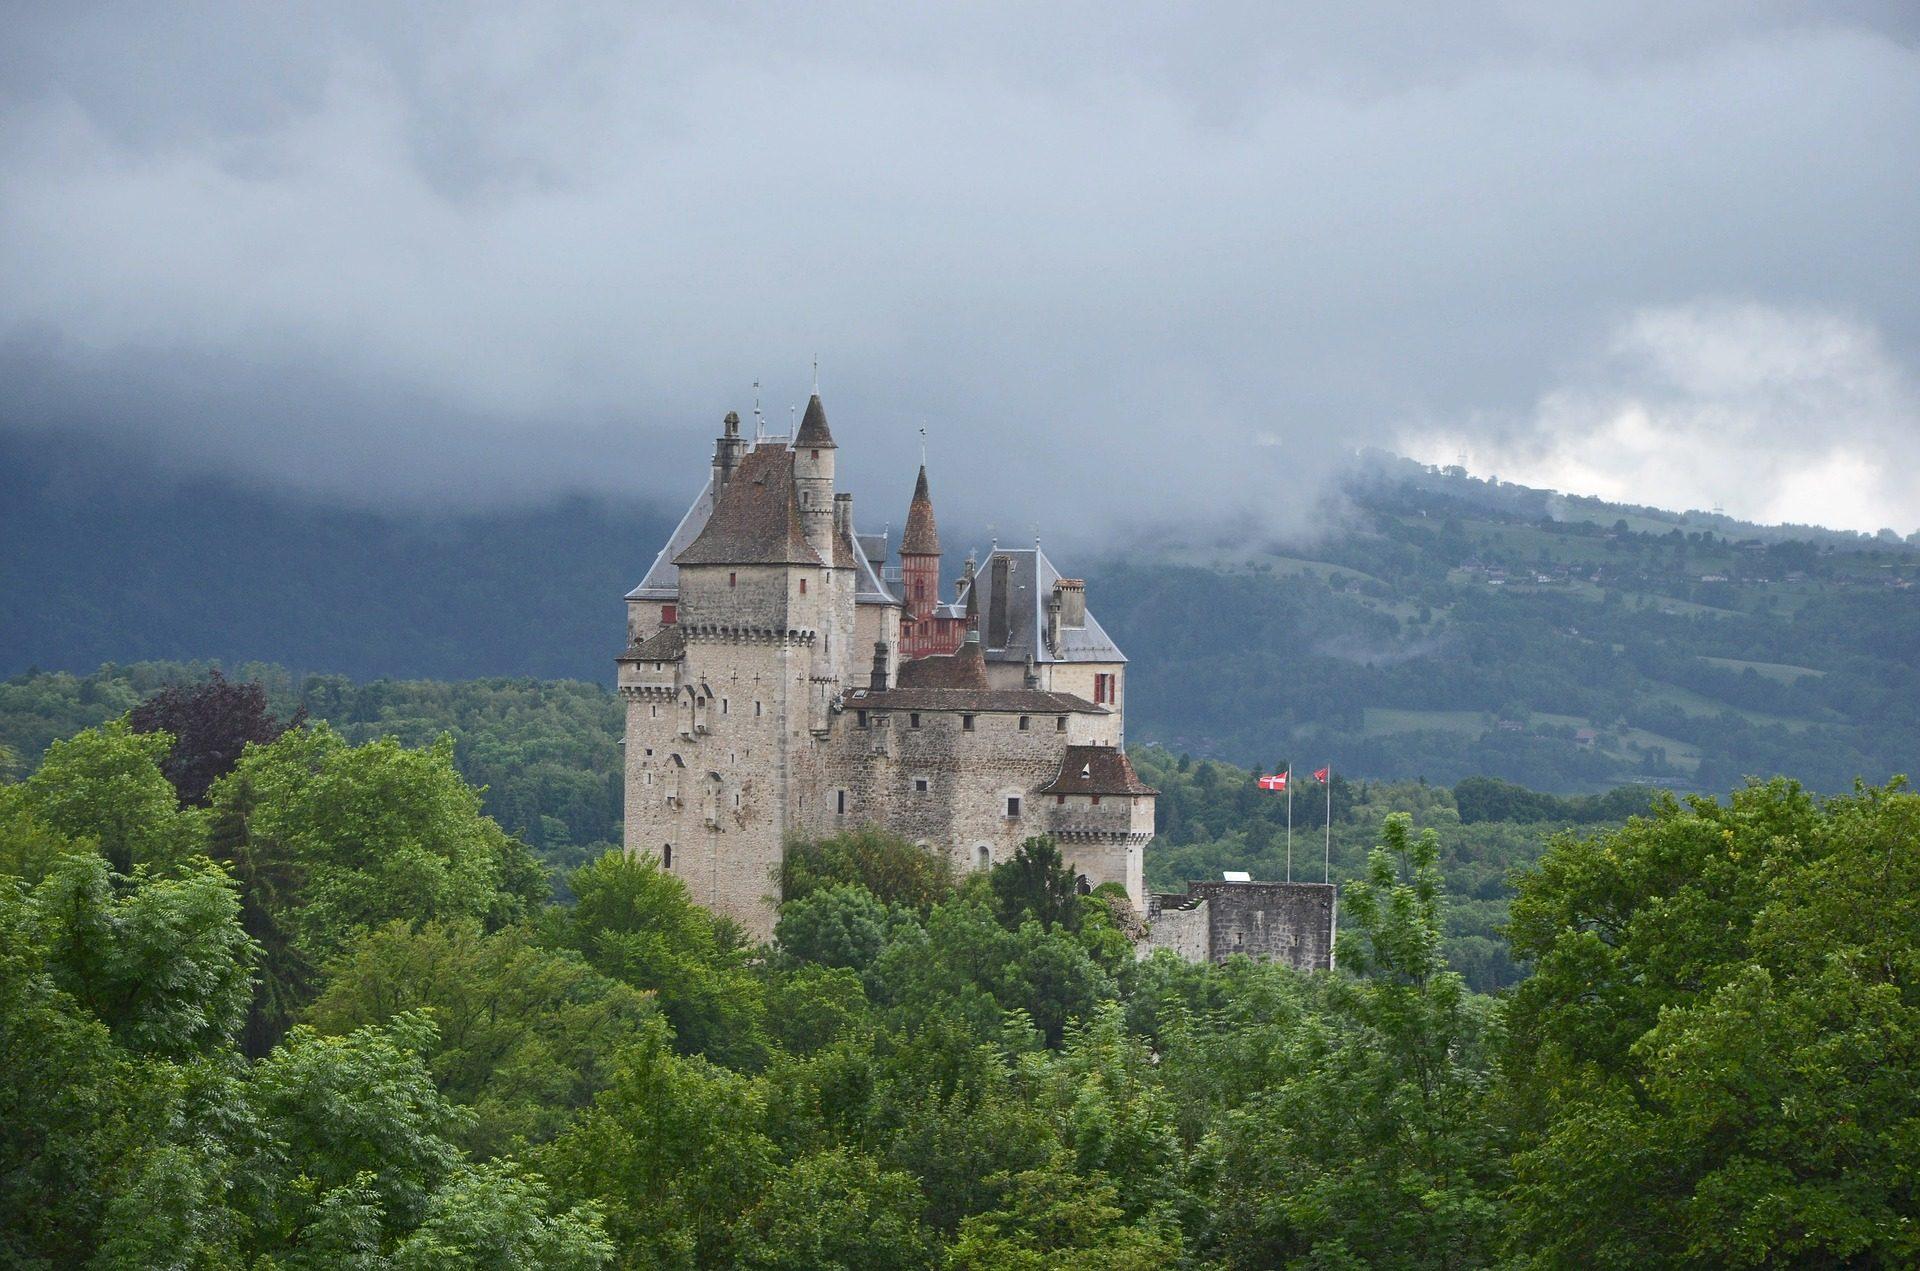 castillo, قصر, fالقلعة الغابات, الغطاء النباتي, السحب. - خلفيات عالية الدقة - أستاذ falken.com